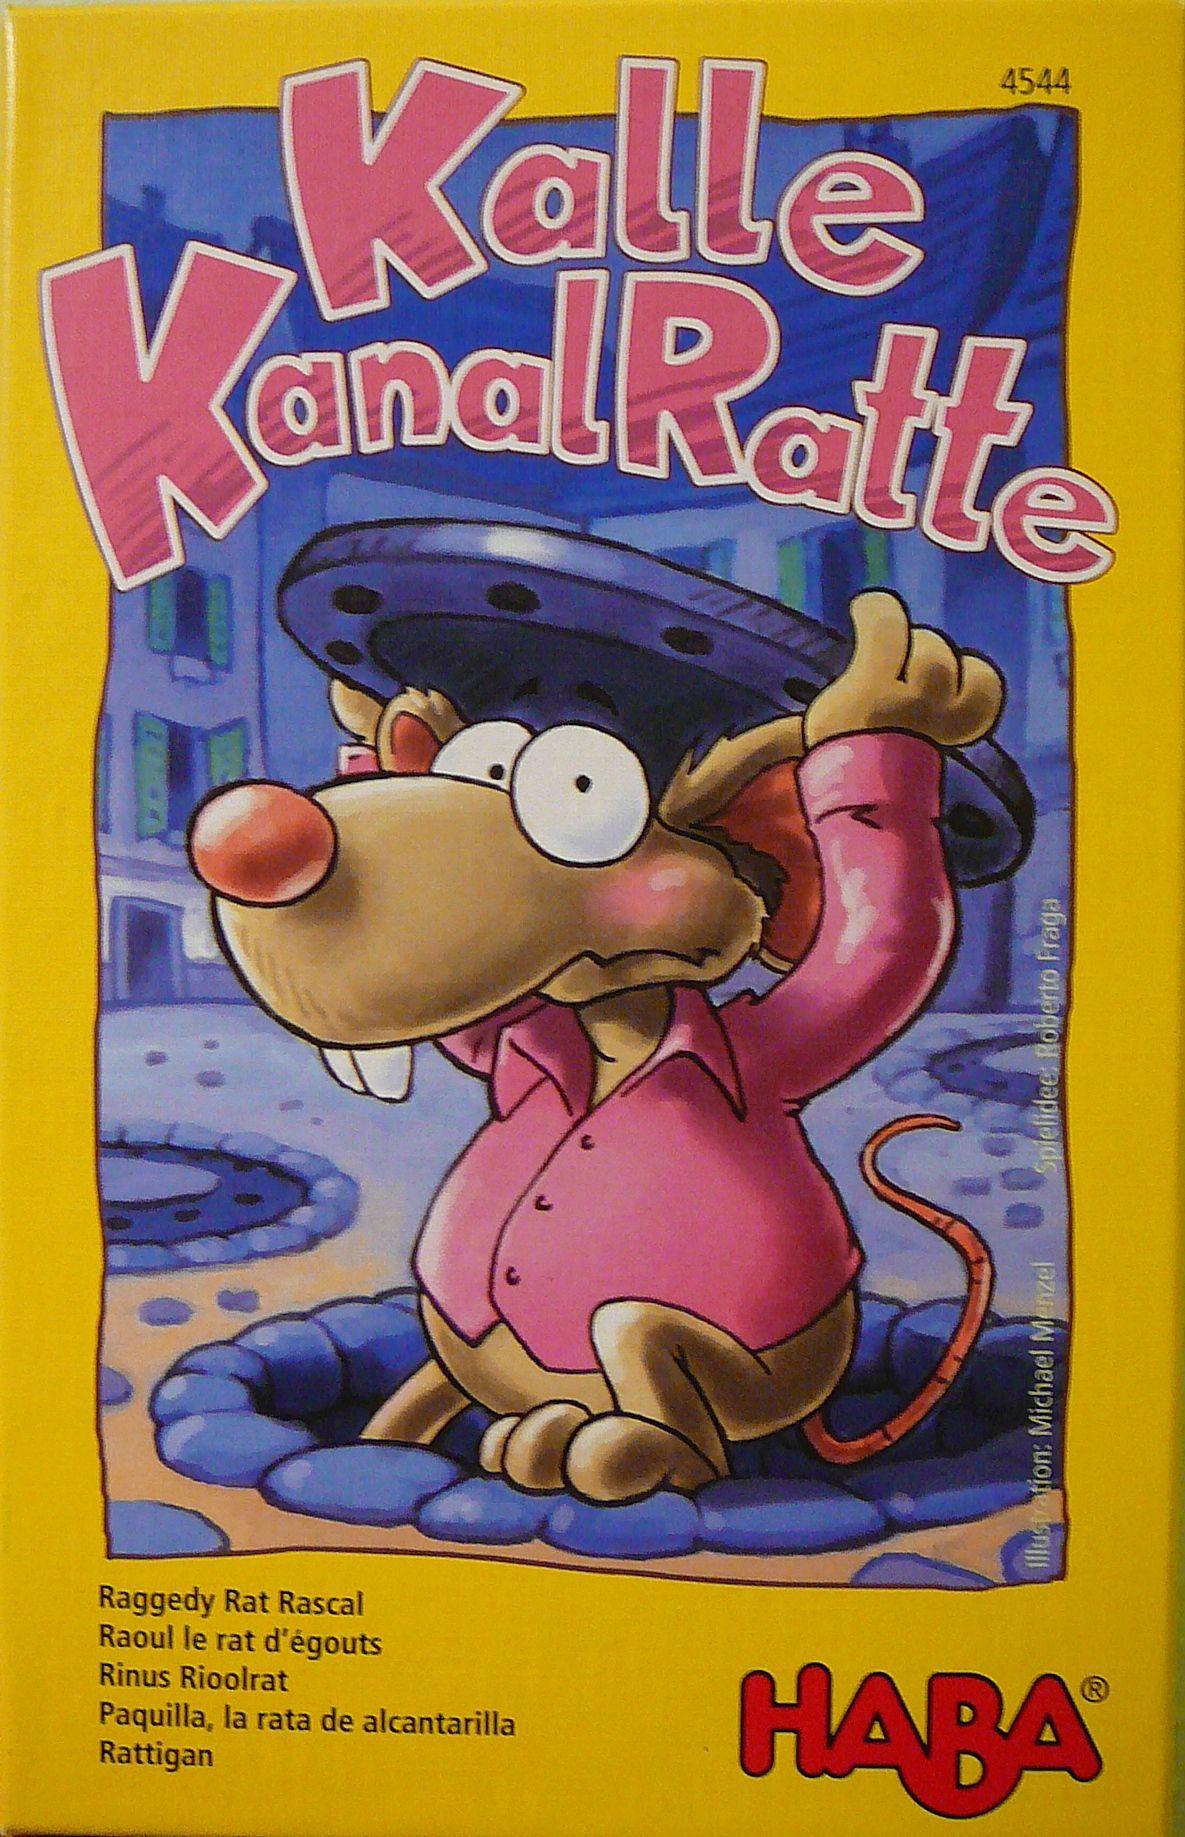 настольная игра Kalle Kanalratte